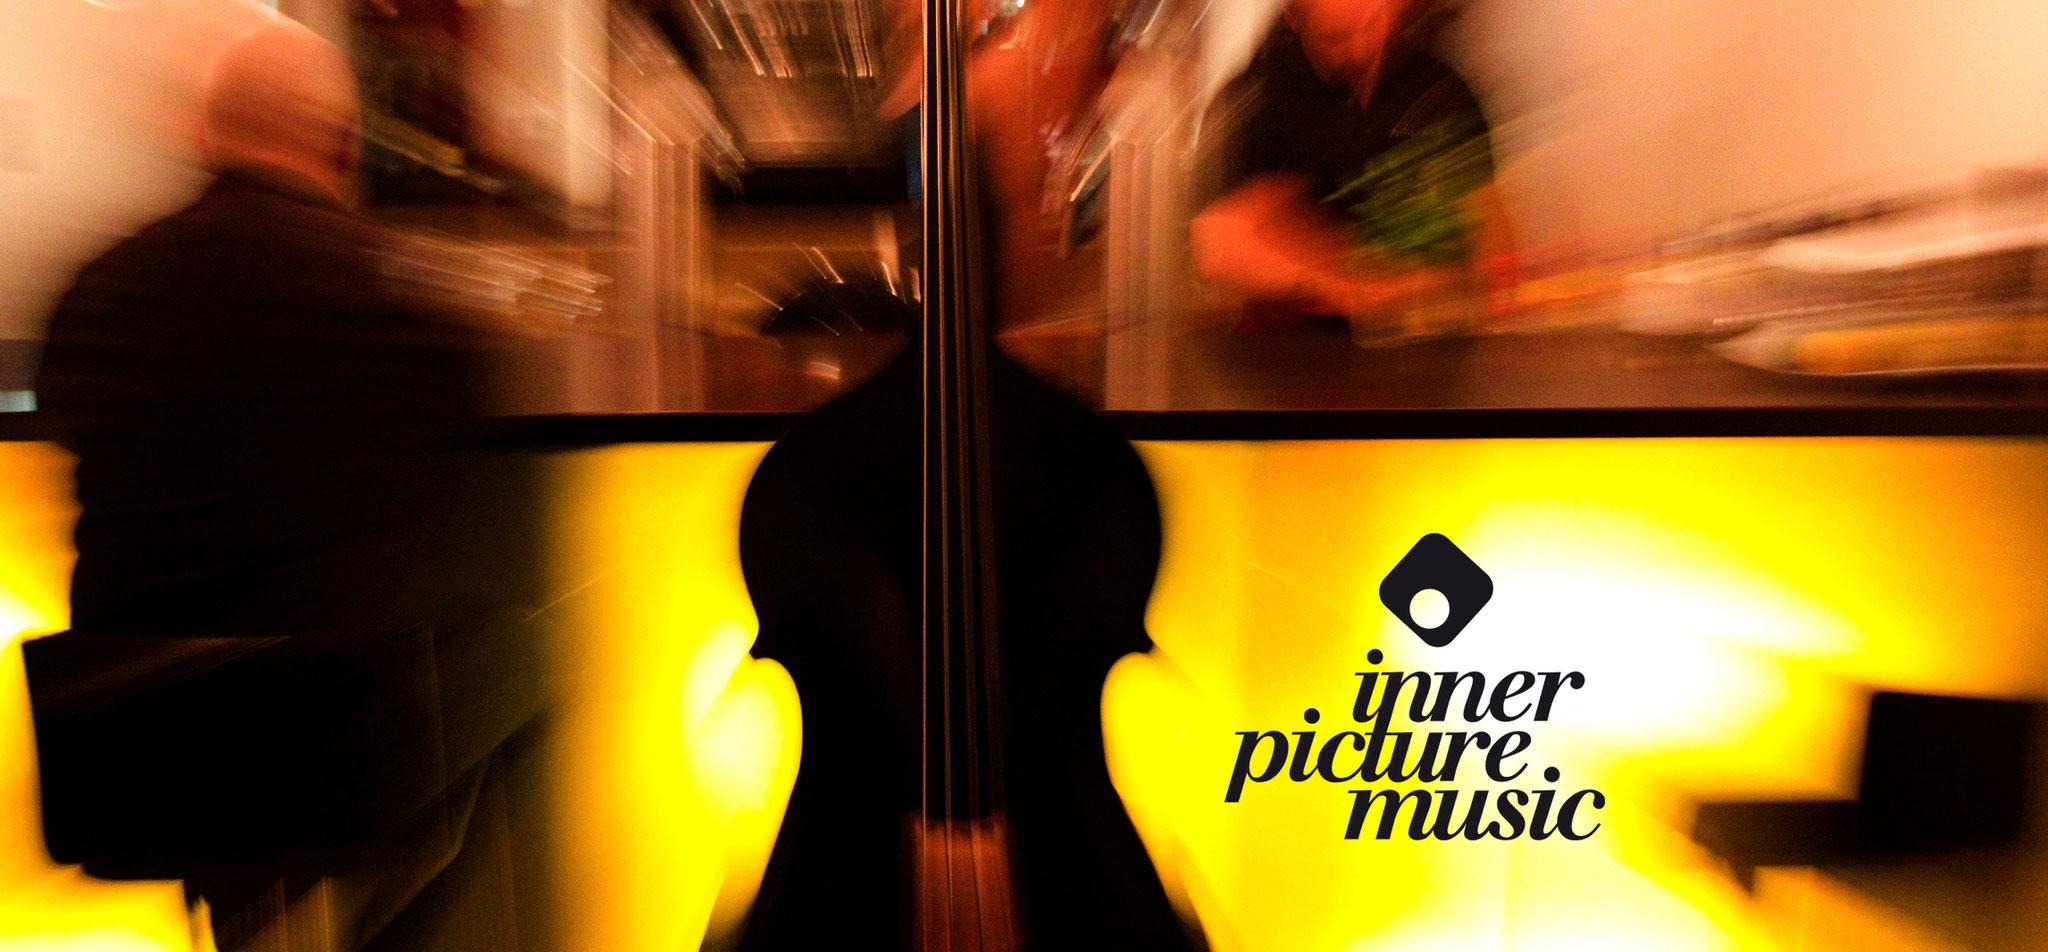 OSTERLOH | logo inner picture music – infragrau, gute gestaltung